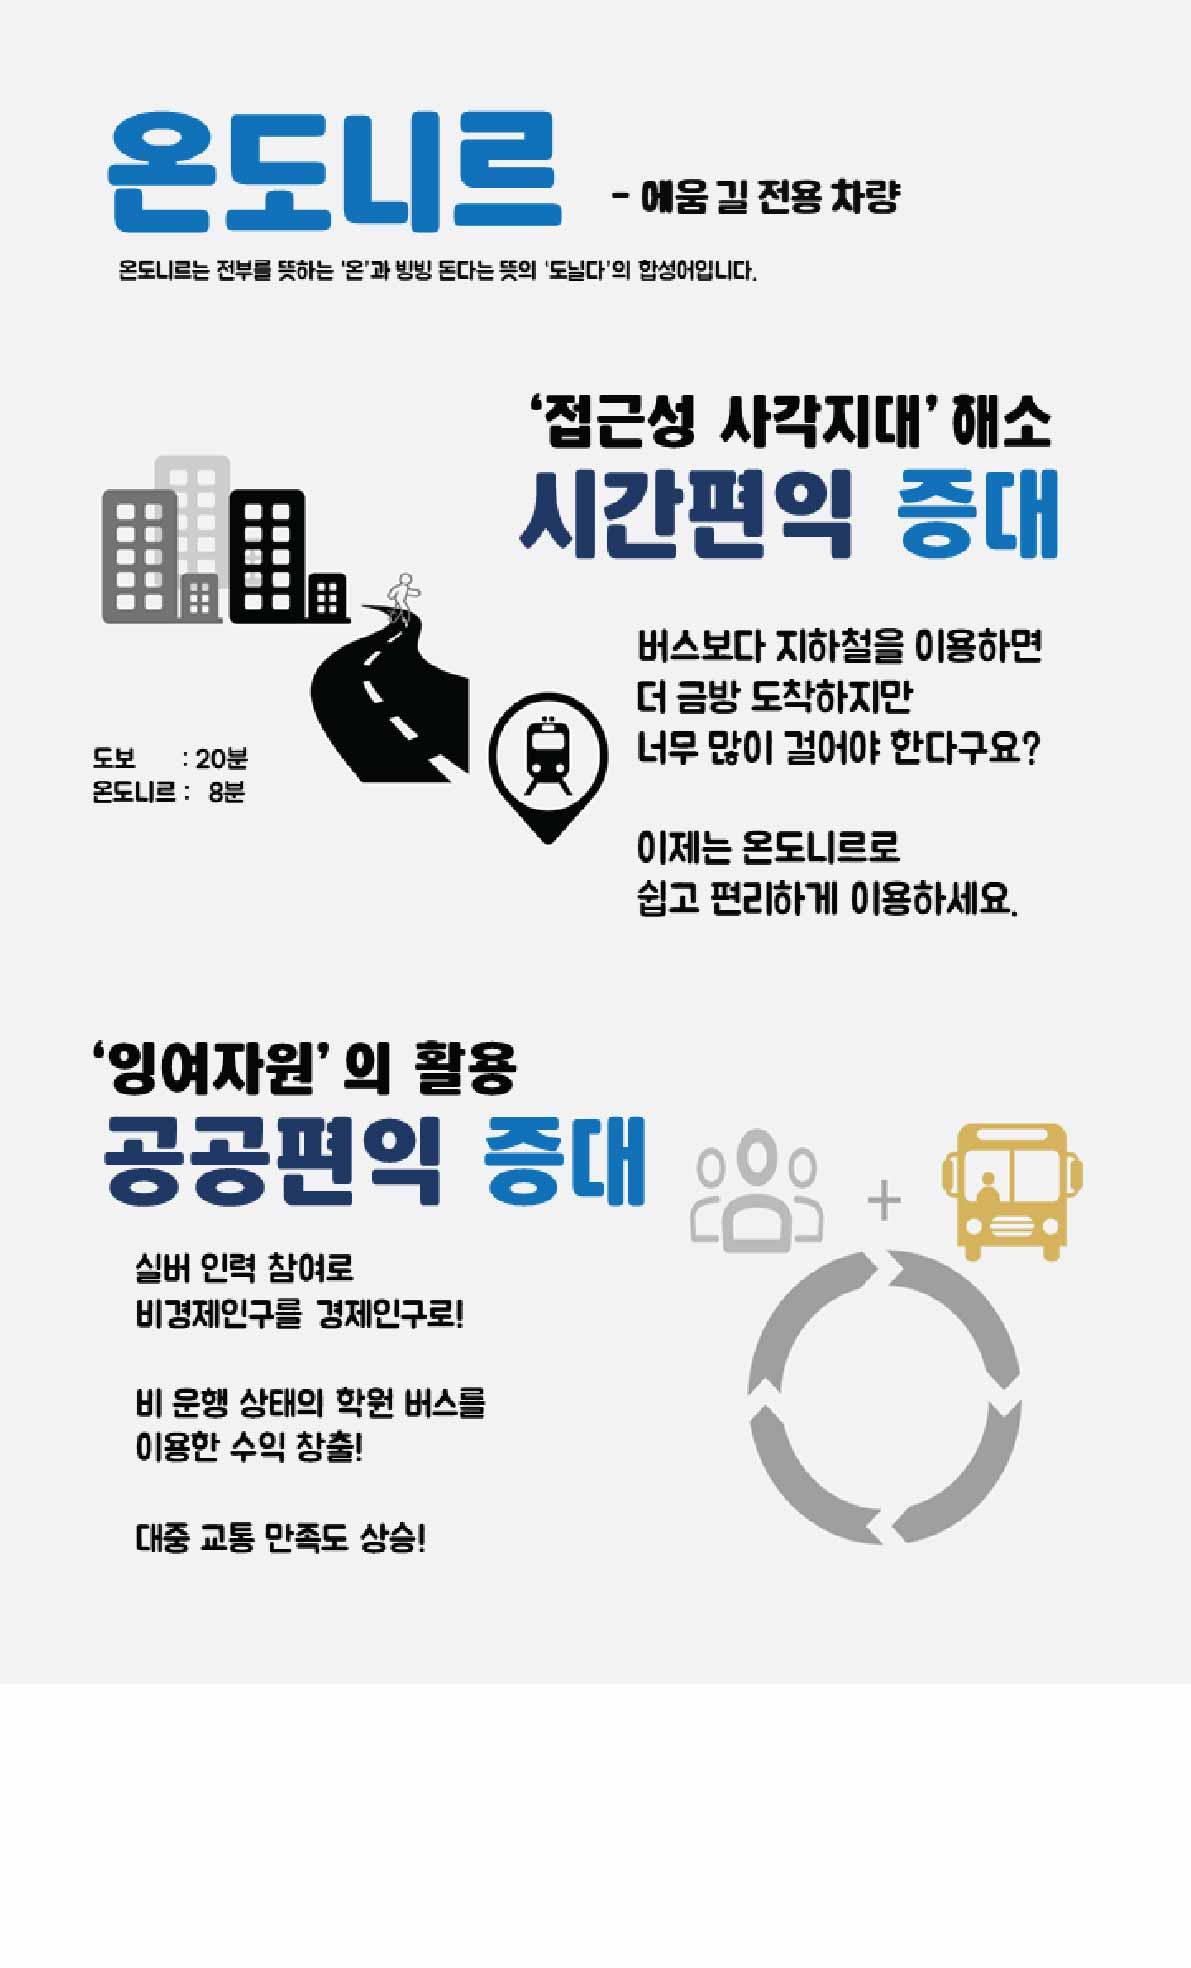 7. 역마살